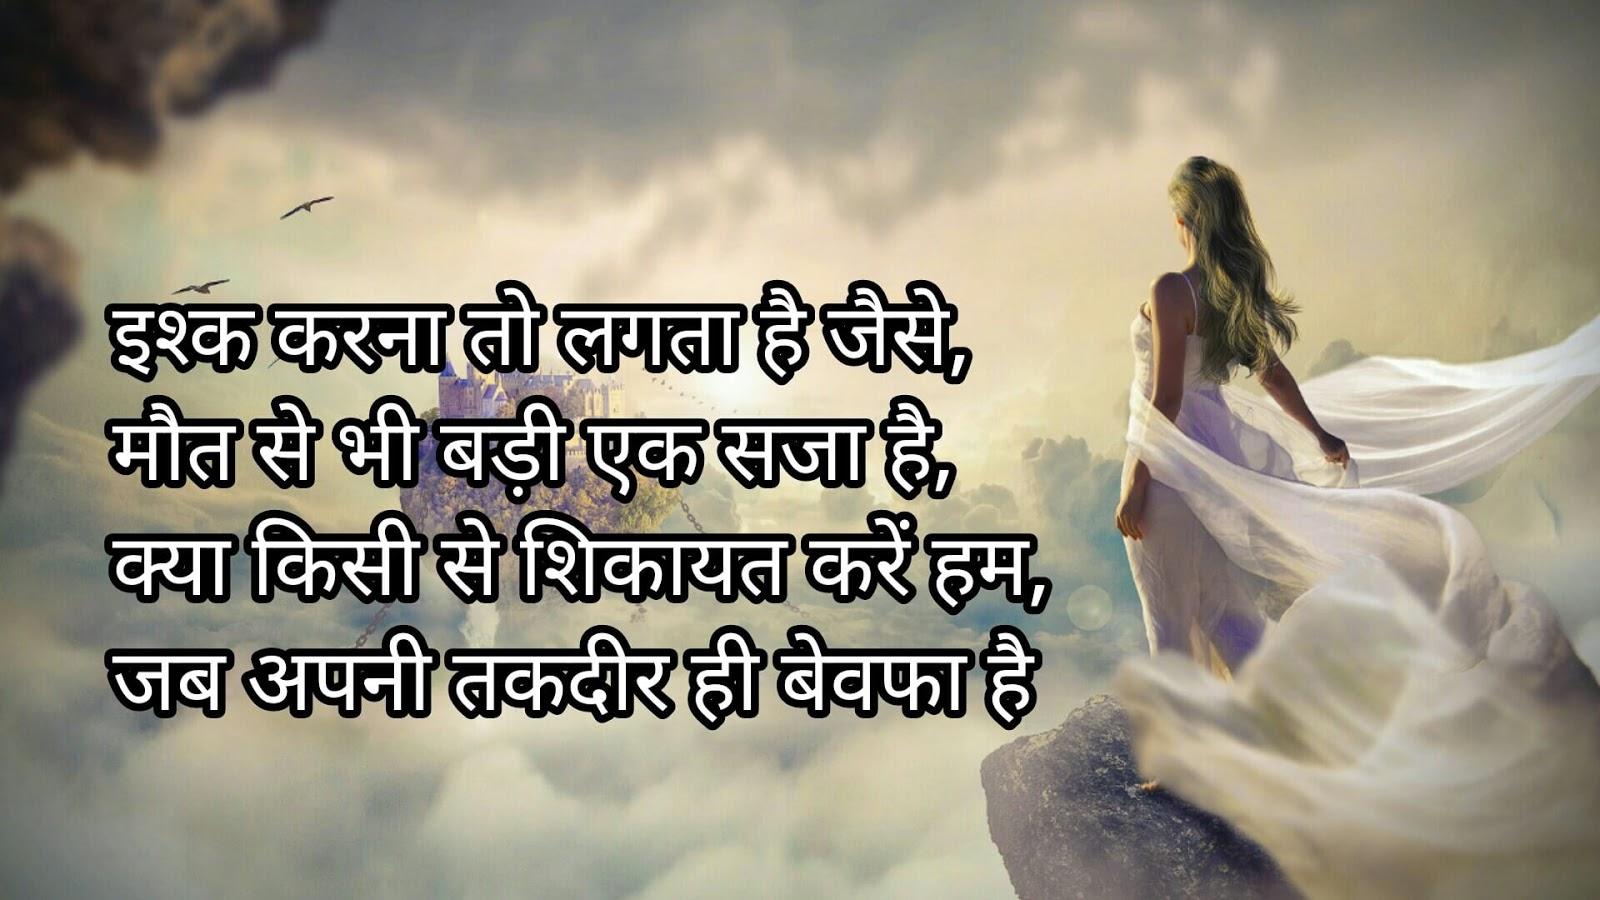 Sharechat Love Shayari